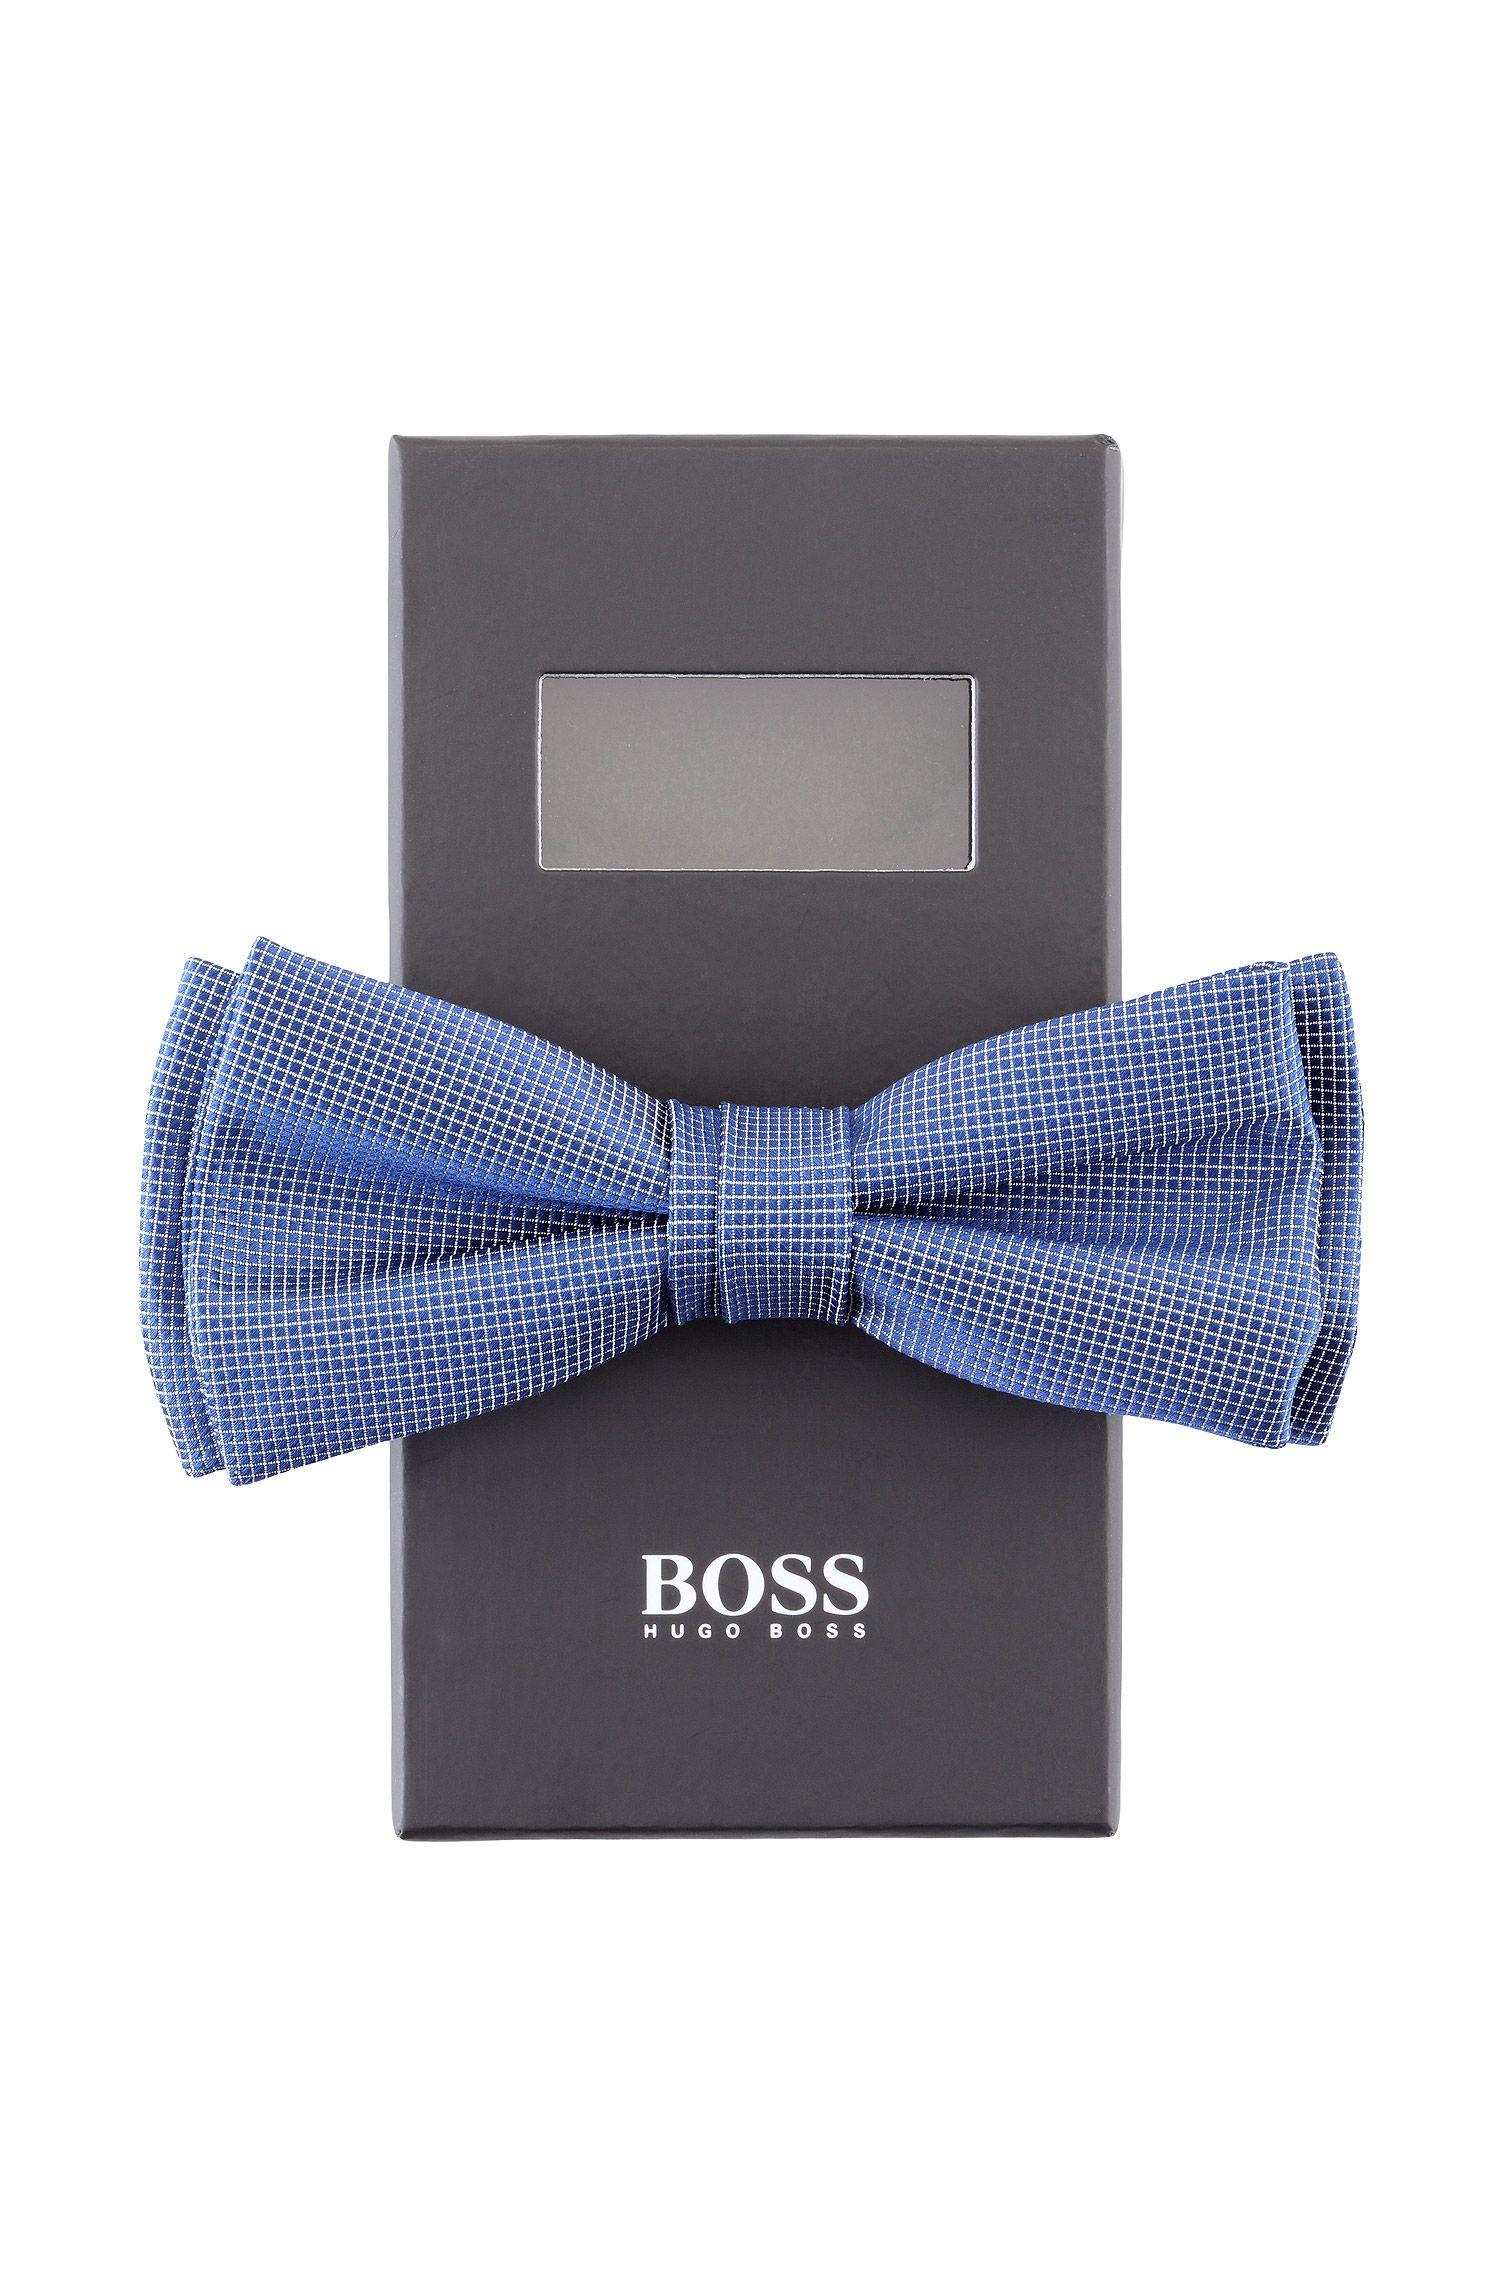 Fliege ´Bow tie fashion` aus hochwertiger Seide